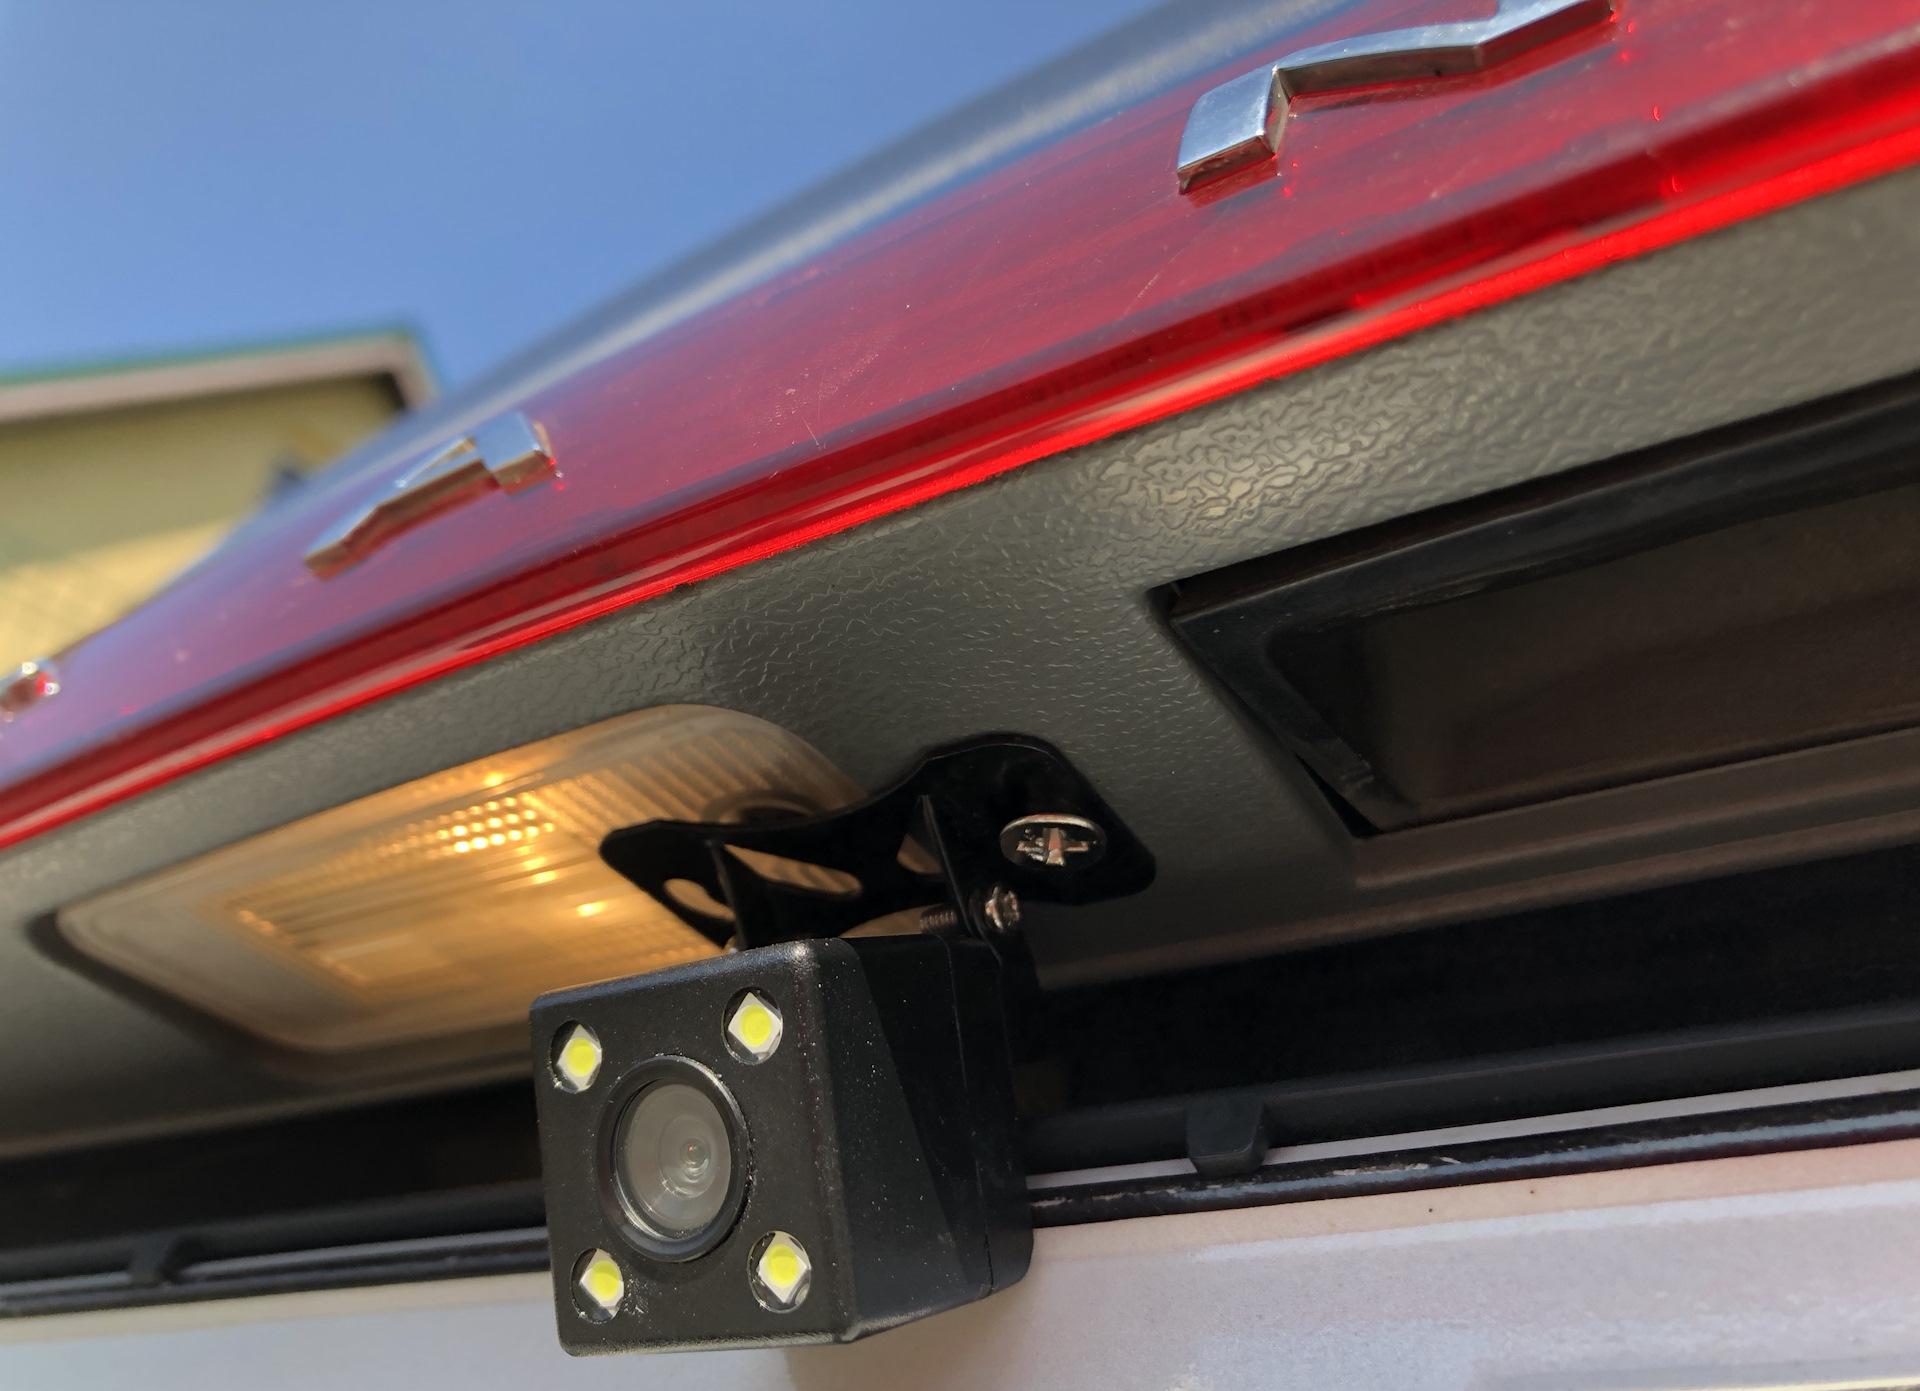 камера заднего вида на багажнике